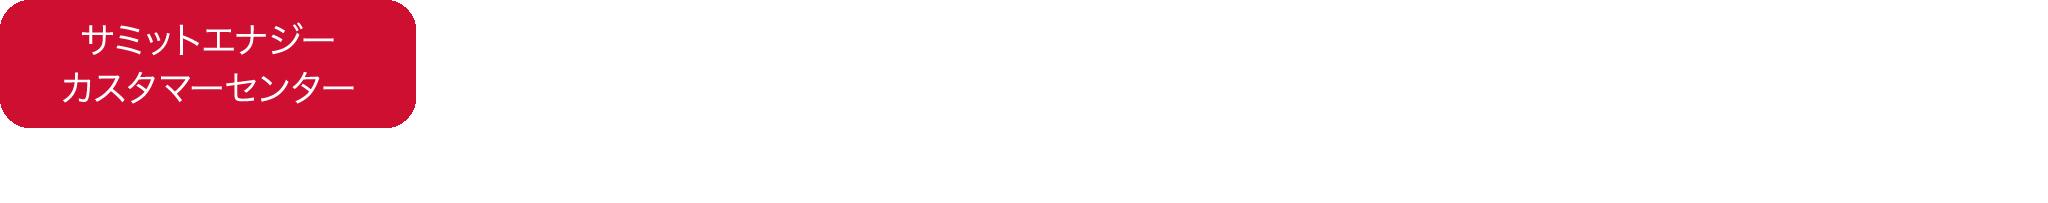 サミットエナジーカスタマーセンター 0120-504-124 ※平日9:00~18:00オペレーター対応 上記以外の時間帯は受付のみ(平日9:00~18:00の折返し対応となります。)